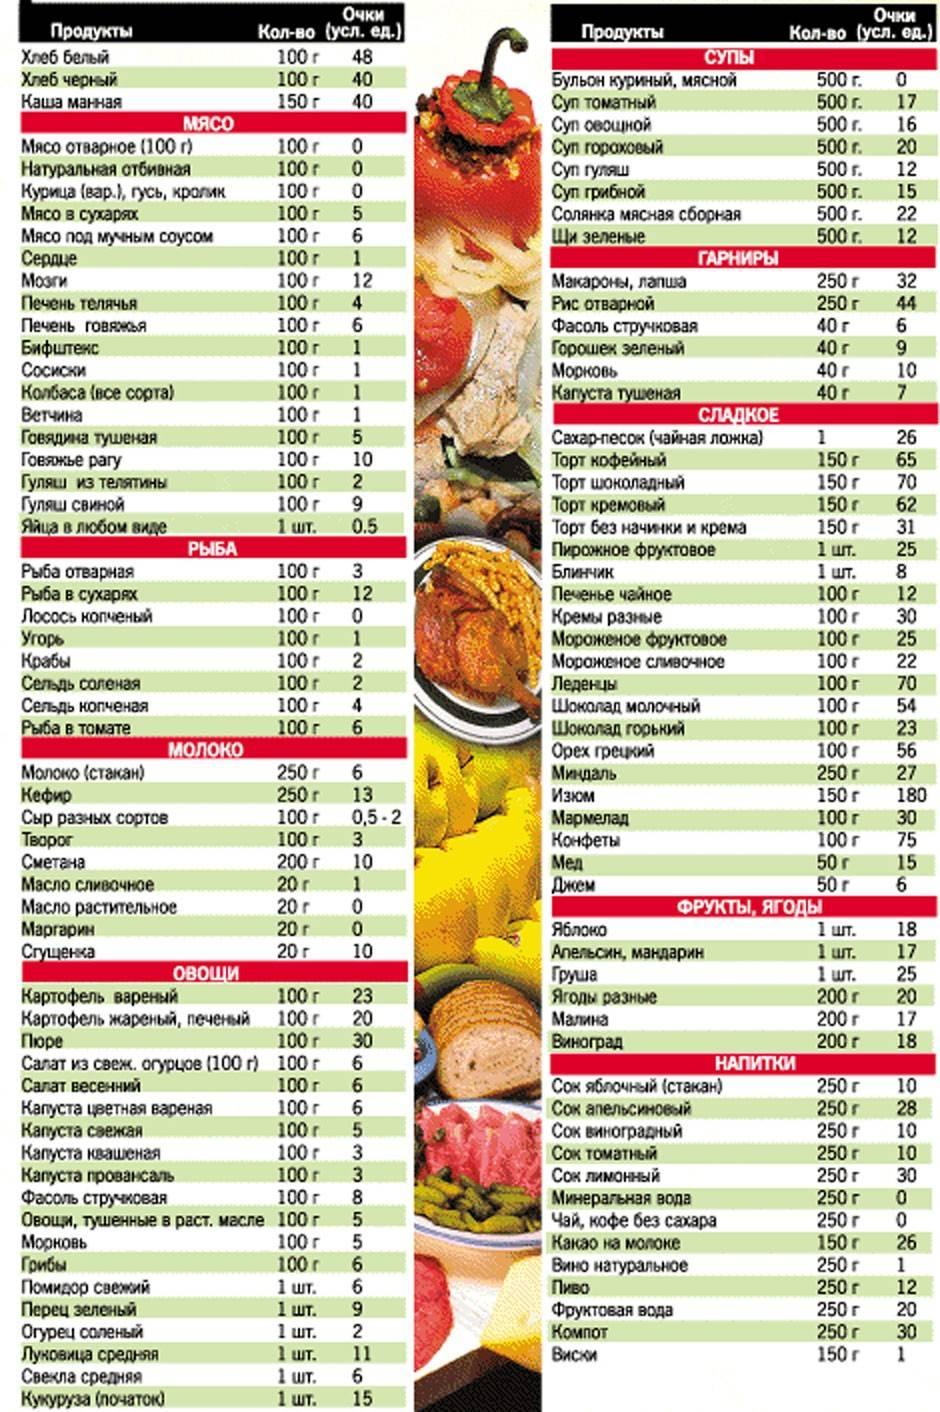 Кремлевская диета: таблица, меню на 7,10 дней, 2 недели, отзывы, рецепты, суть, показания, противопоказания